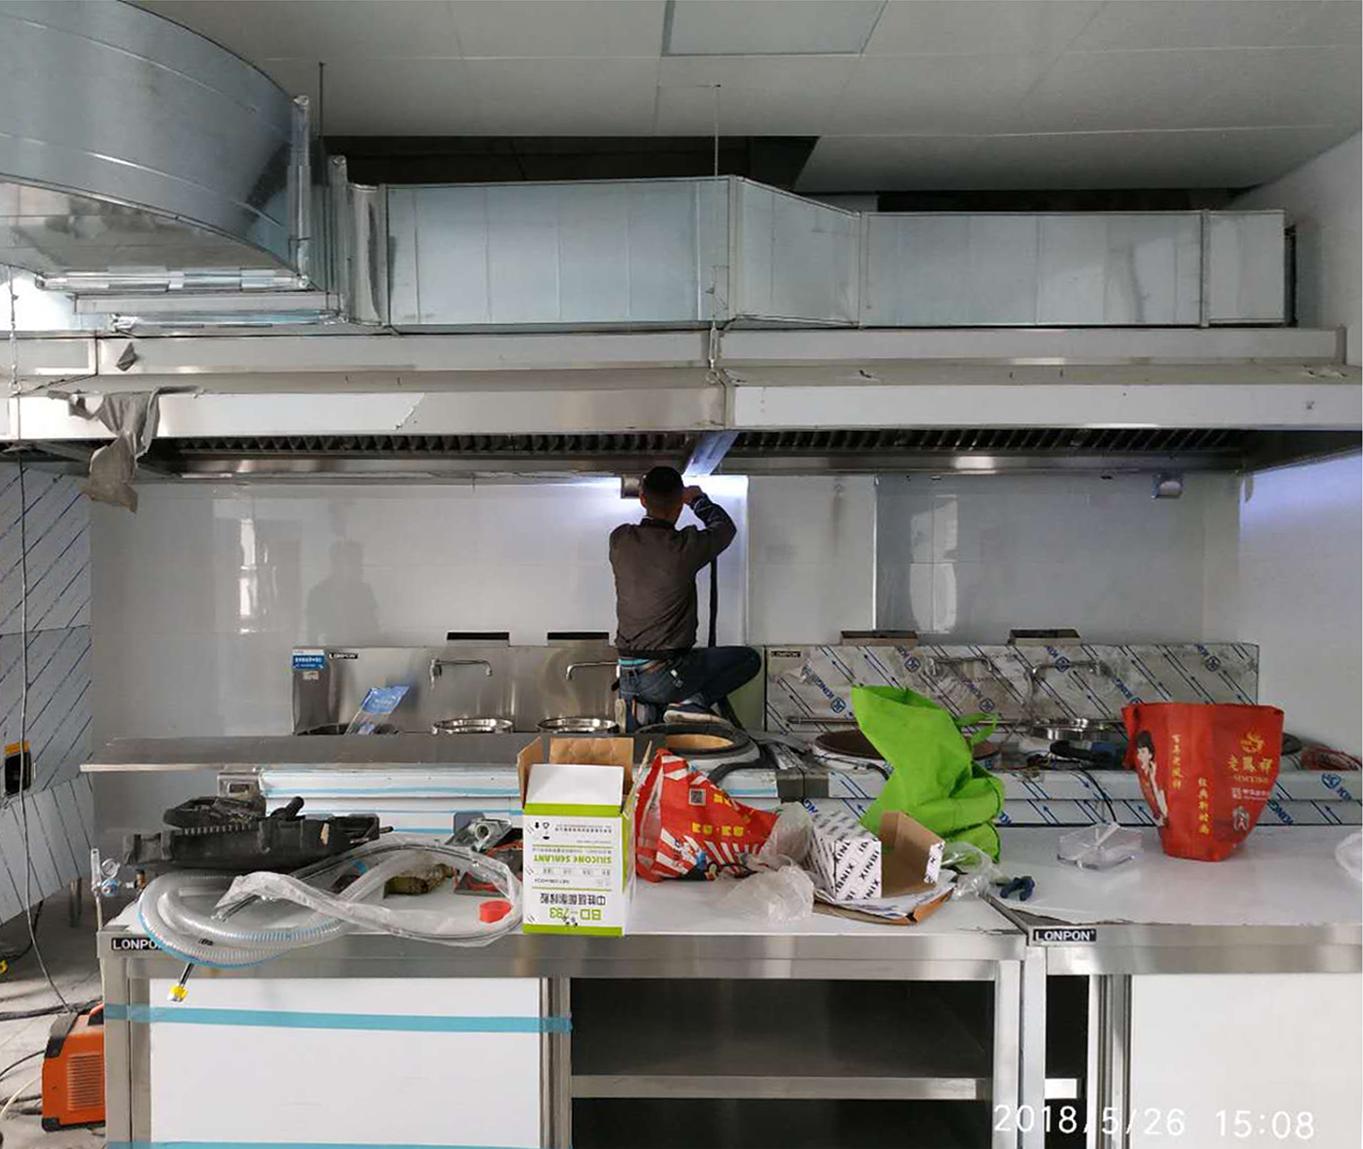 LONPON商用厨房设备——厨房新风系统的重要性